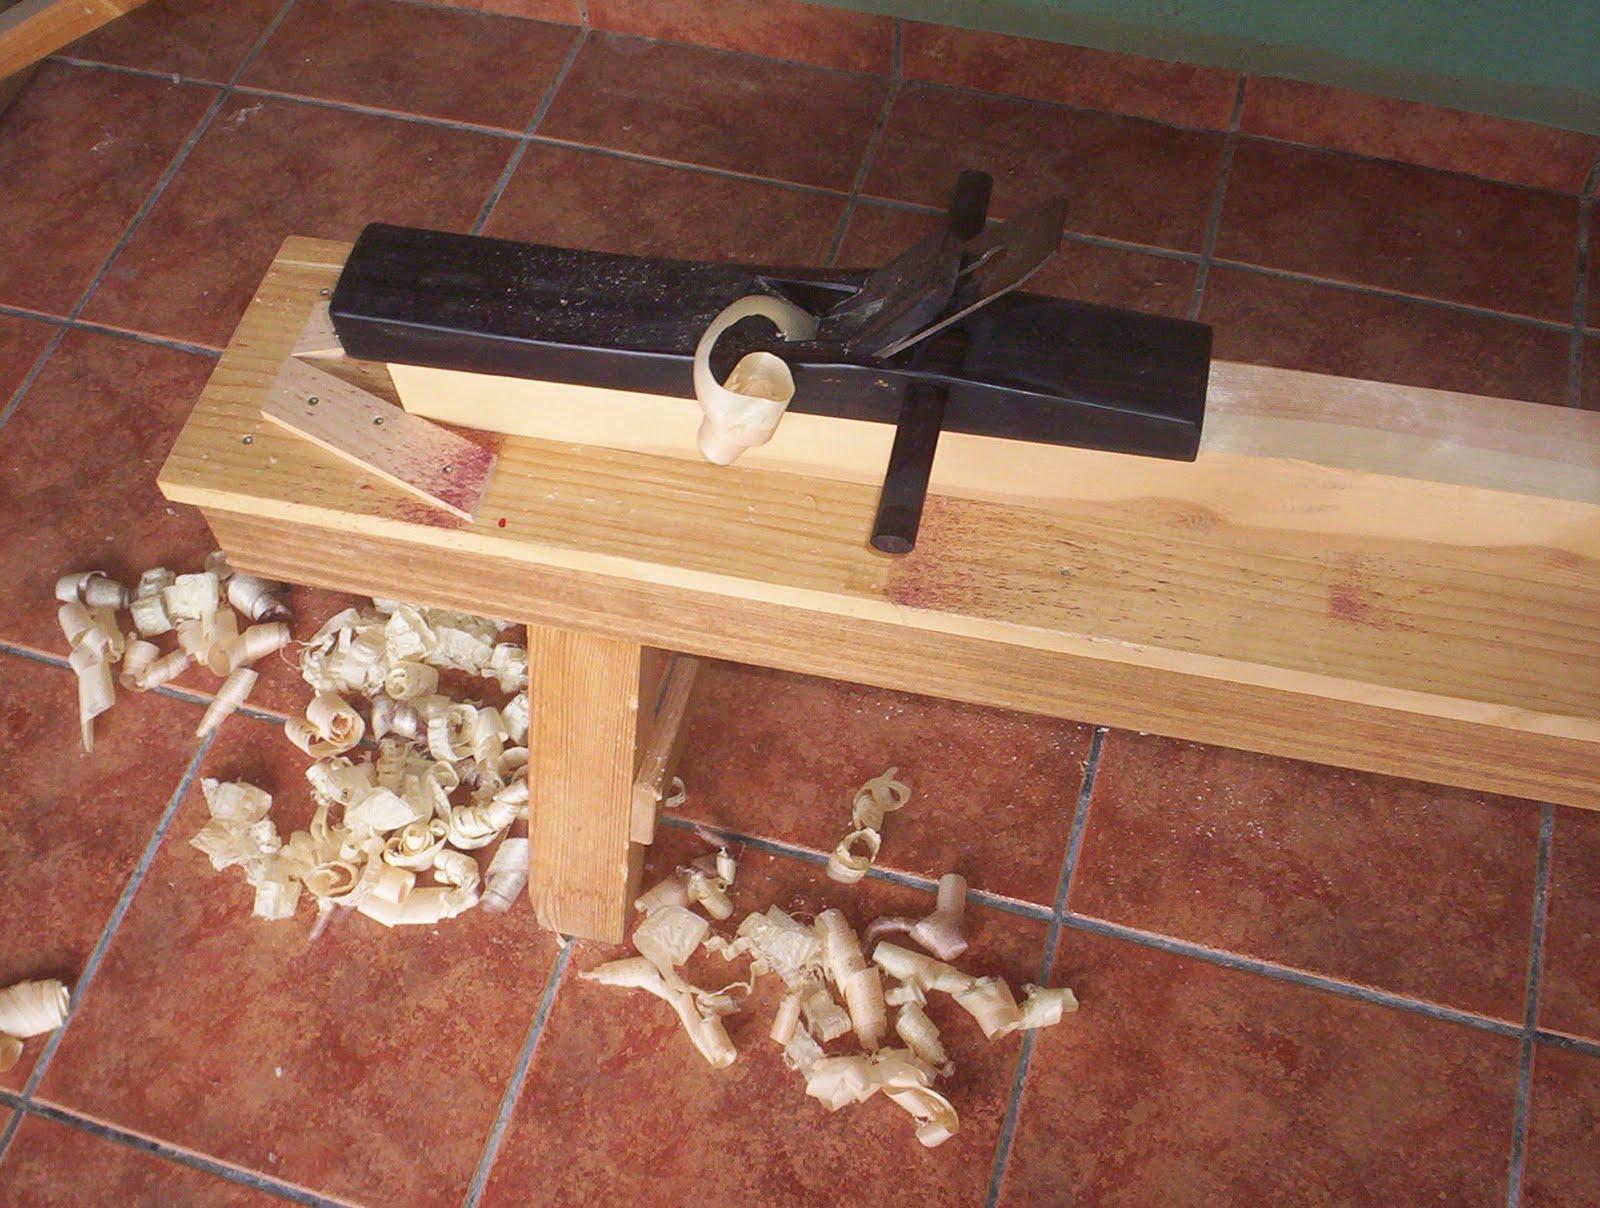 Carpinter a artesanal el taller y las herramientas for Herramientas ceramica artesanal